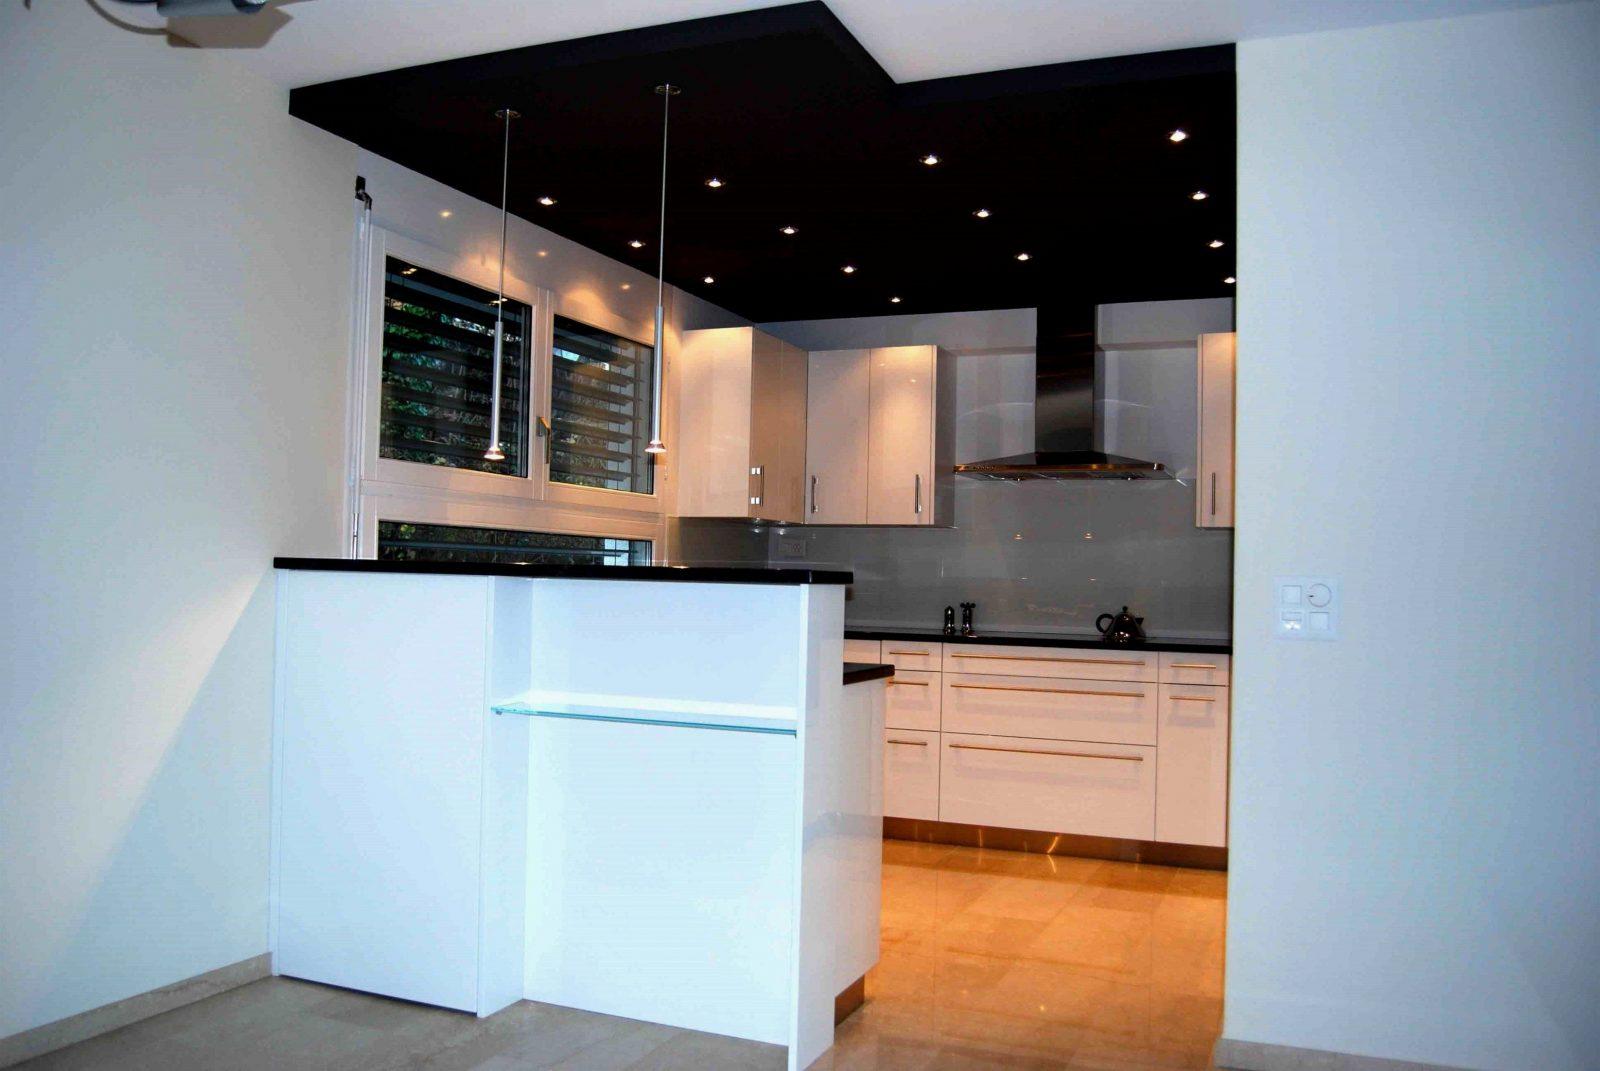 ... Paneele Küche 21 Emejing Küche Selbst Gestalten House Design Ideas Von  Wandverkleidung Küche Selber Machen Photo ...